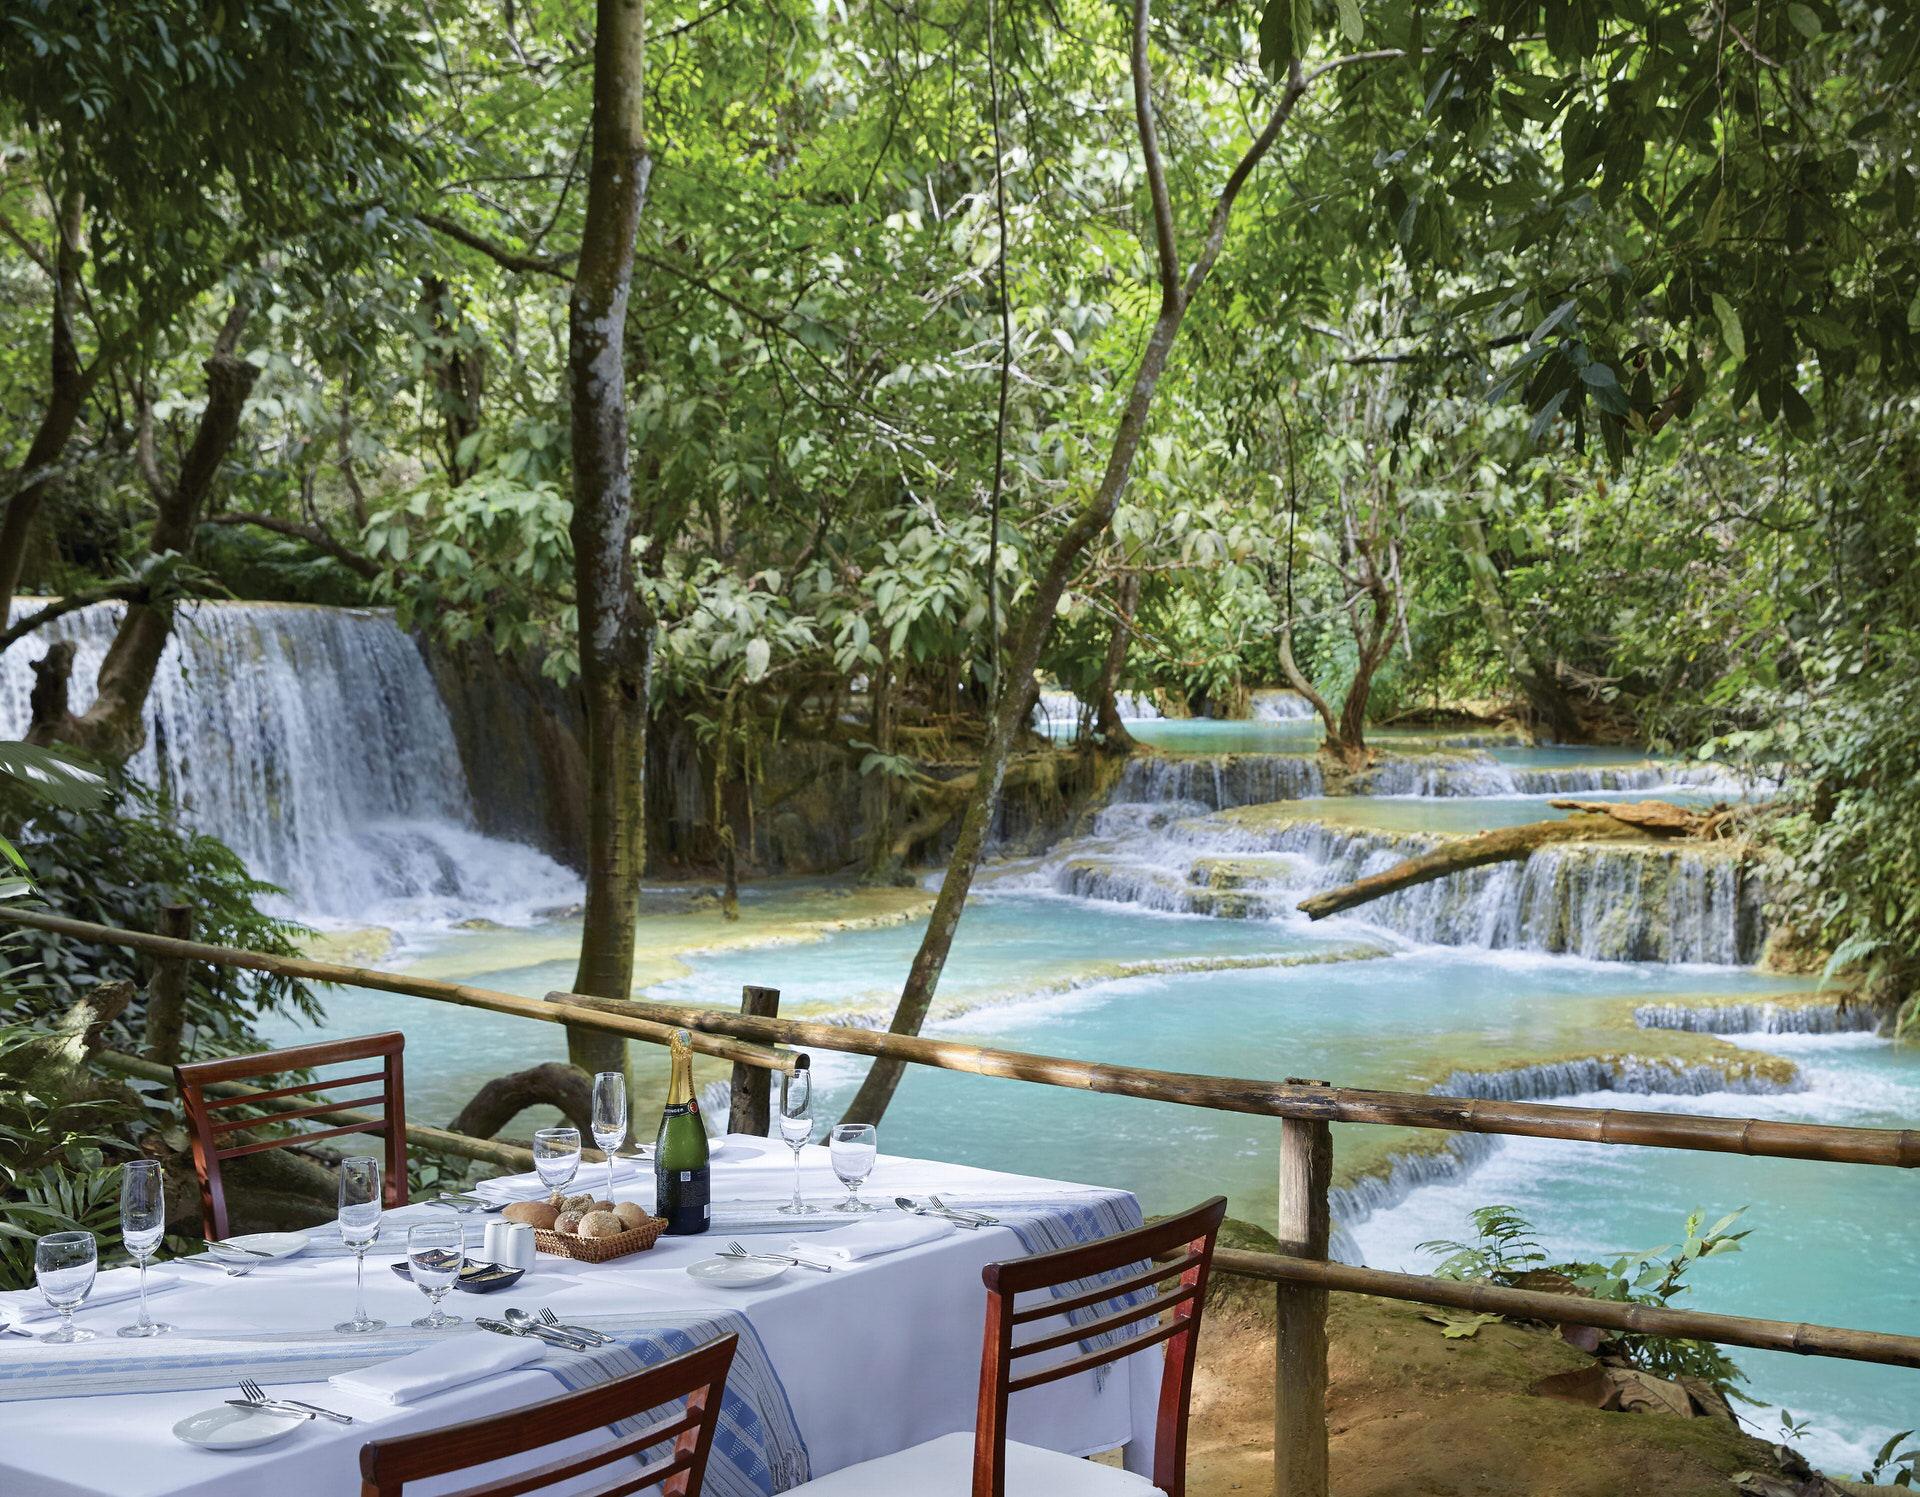 > Mekong and Luang Prabang Gibbon Experience Tour, Laos